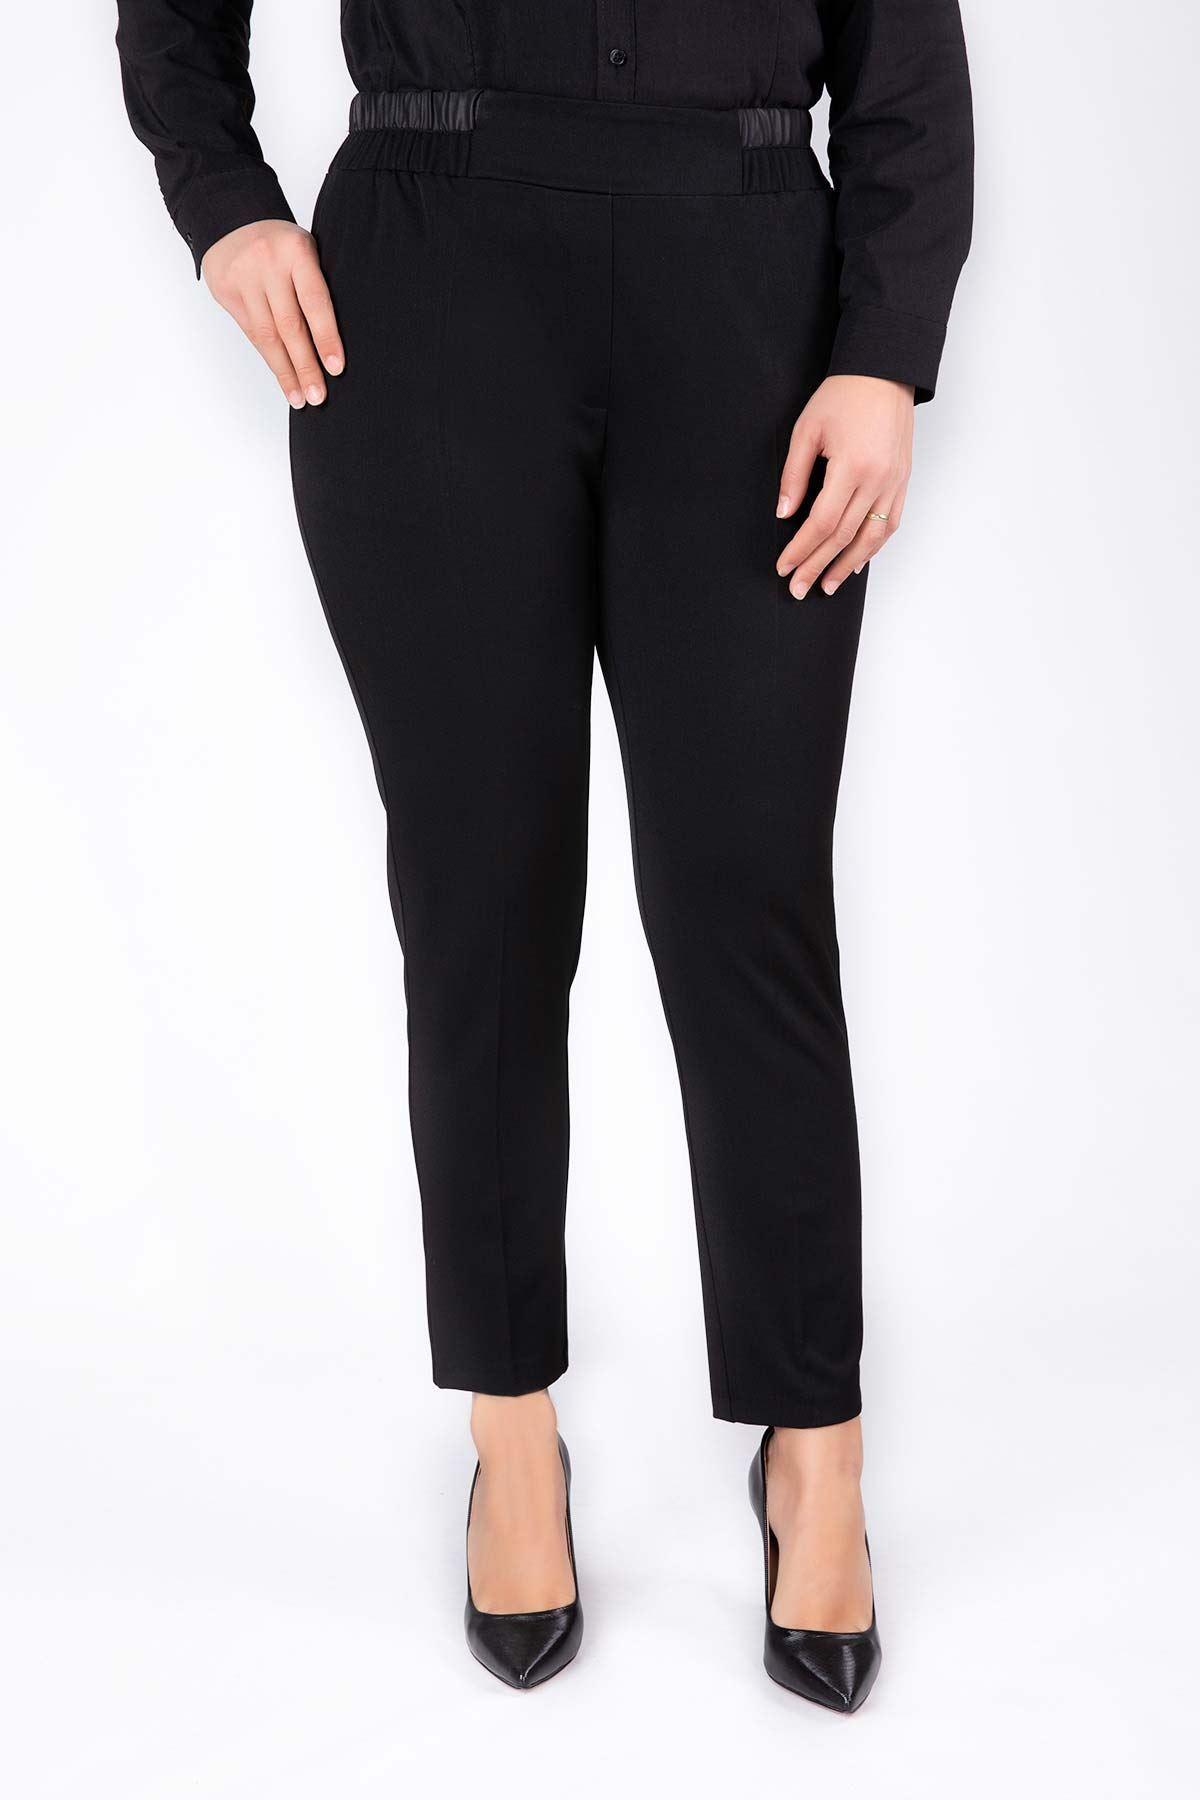 Büyük Beden Pantolon Siyah 2219-03